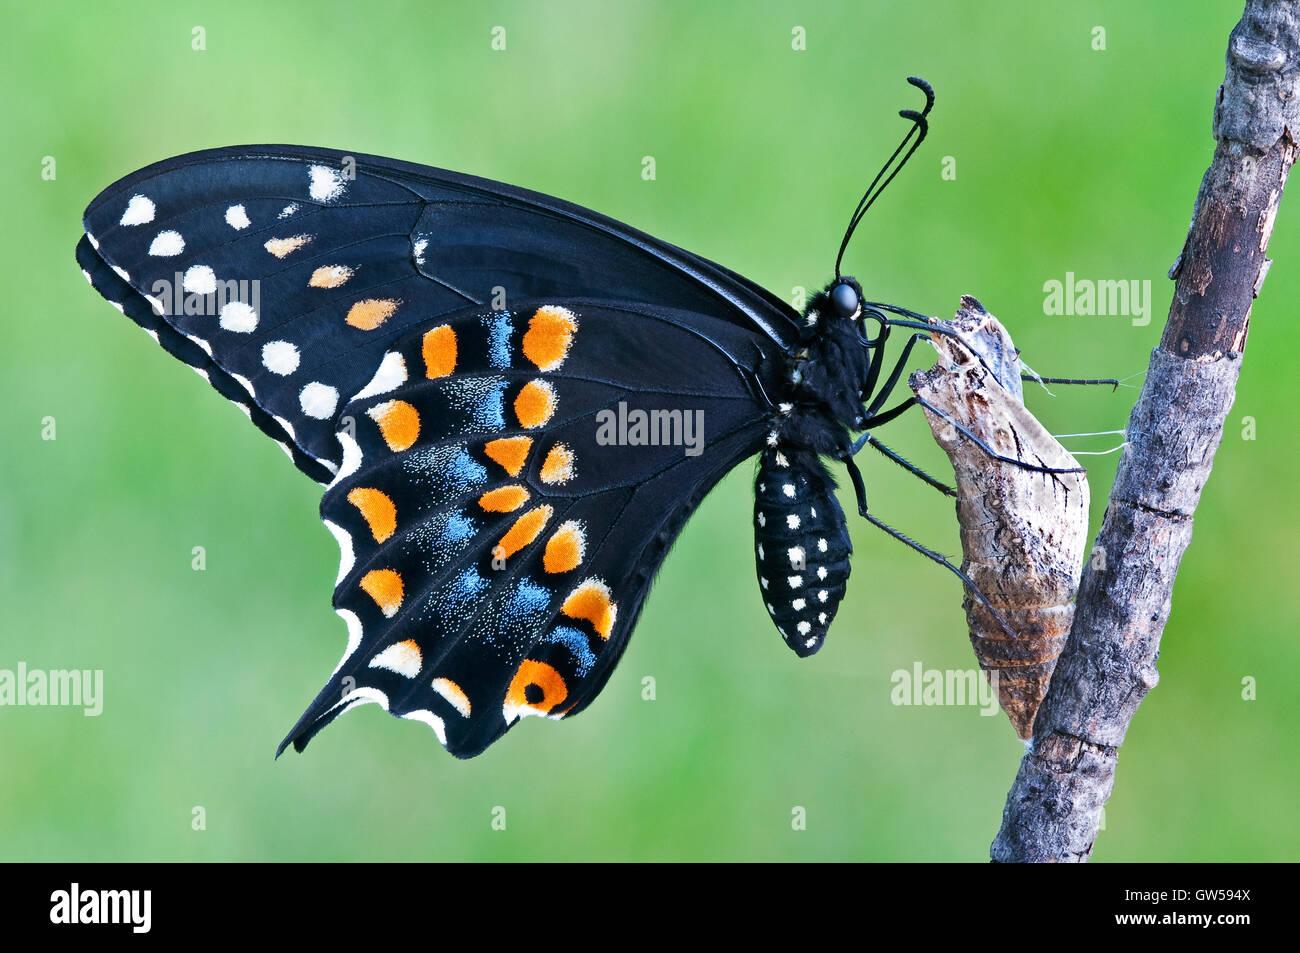 E. Especie Papilio polyxenes mariposas, mujer, saliendo de la pupa, Este de los EE.UU. Imagen De Stock